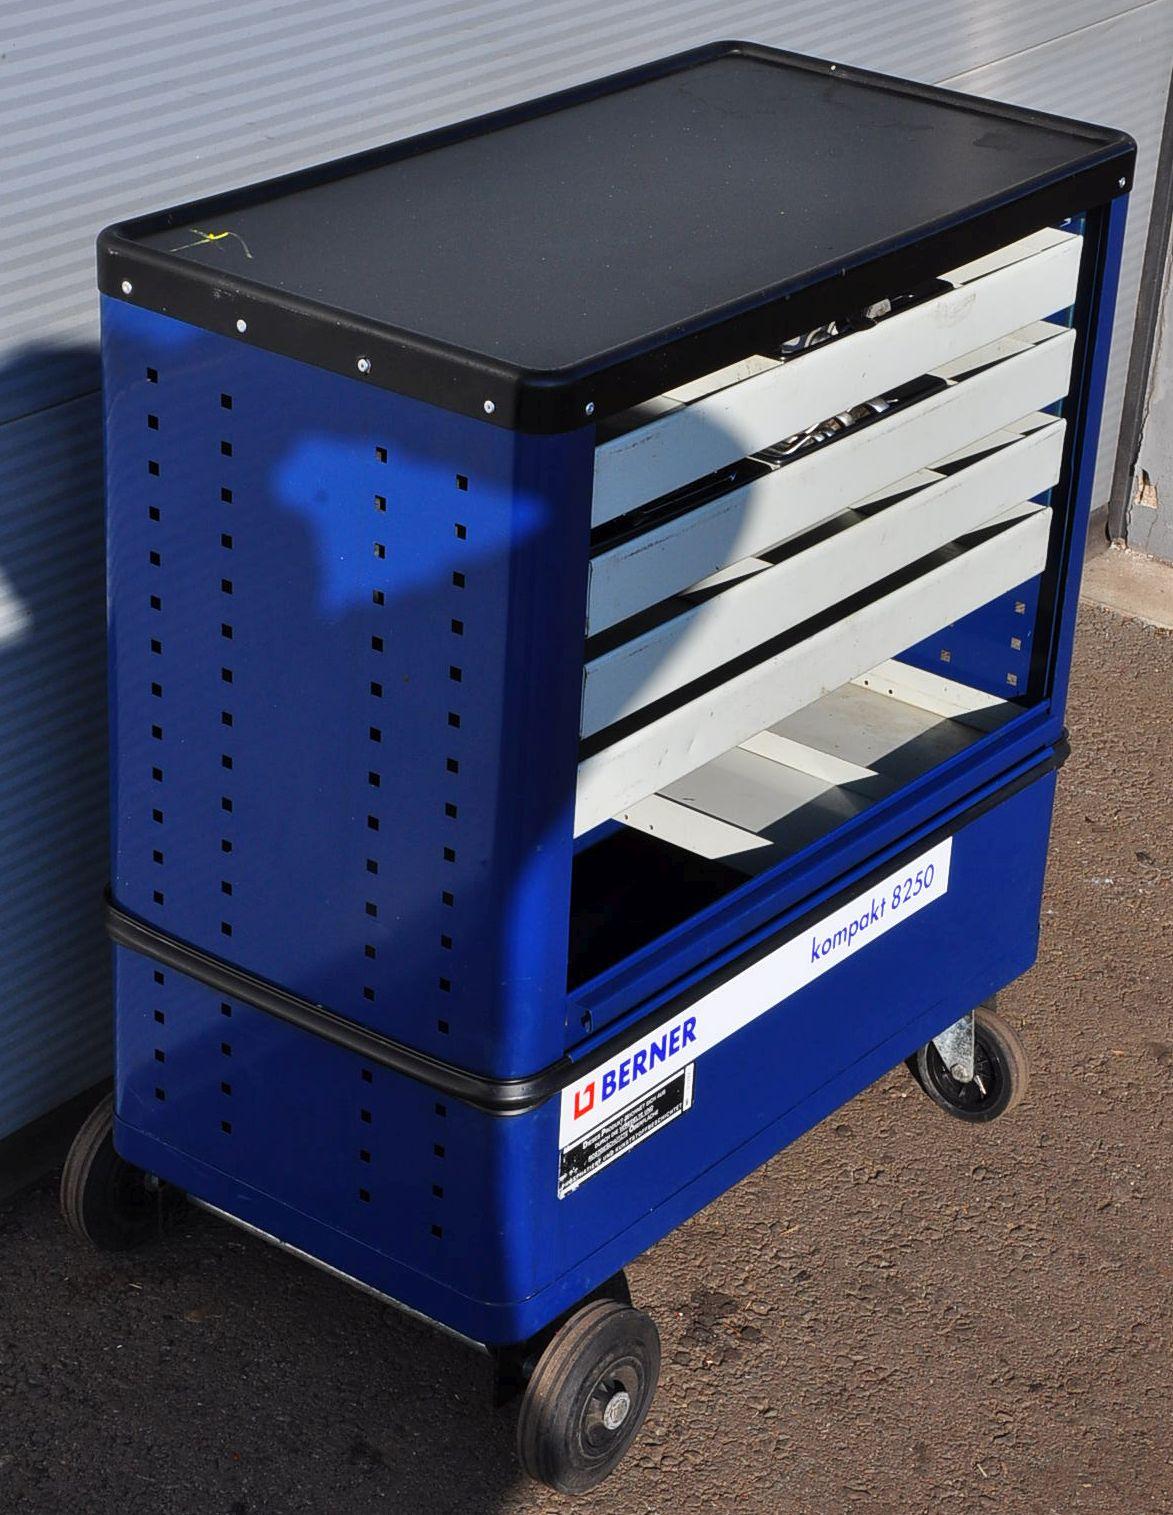 Ganz und zu Extrem BERNER kompakt 8250 Werkstattwagen Rollwagen Werkzeugwagen &WL_79